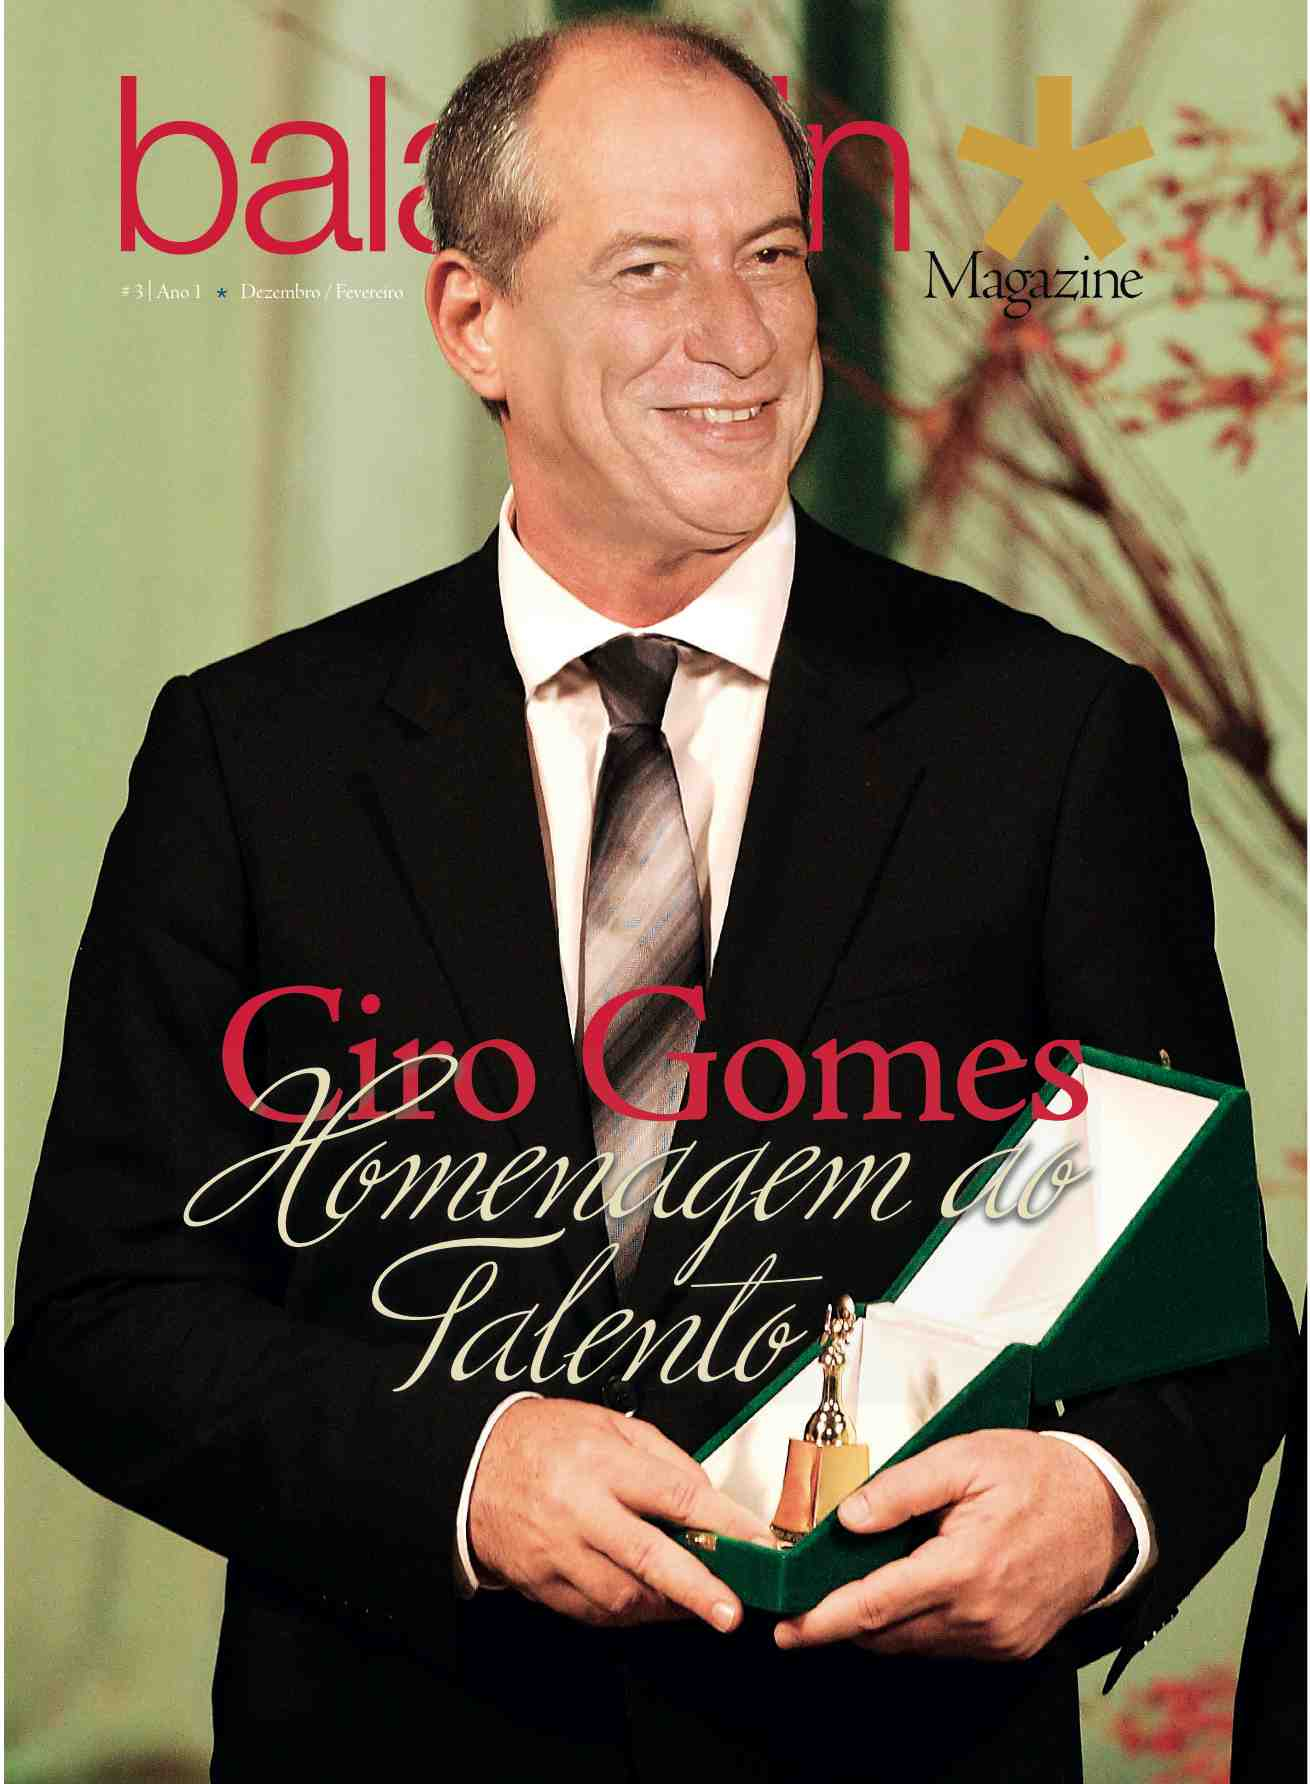 Edição: Ciro Gomes